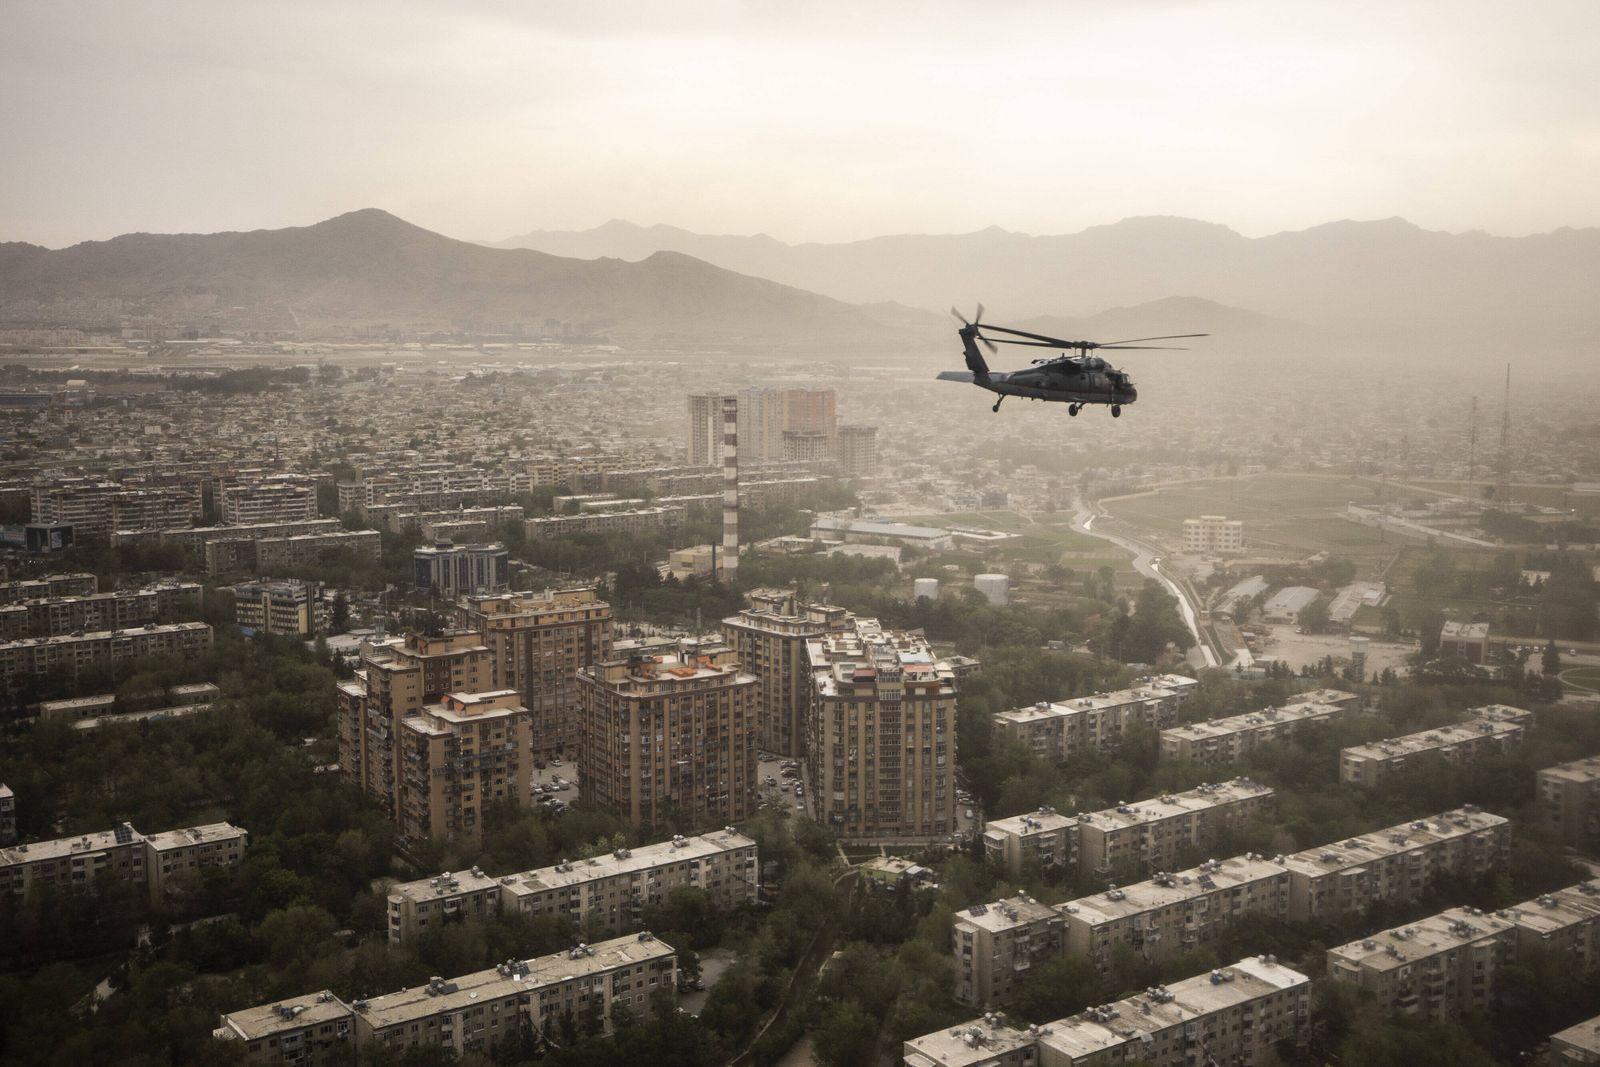 Ein Black Hawk Helikopter der US Army zeichnet sich ab vor der Stadtansicht auf Kabul, 29.04.2021. Kabul Afghanistan ***